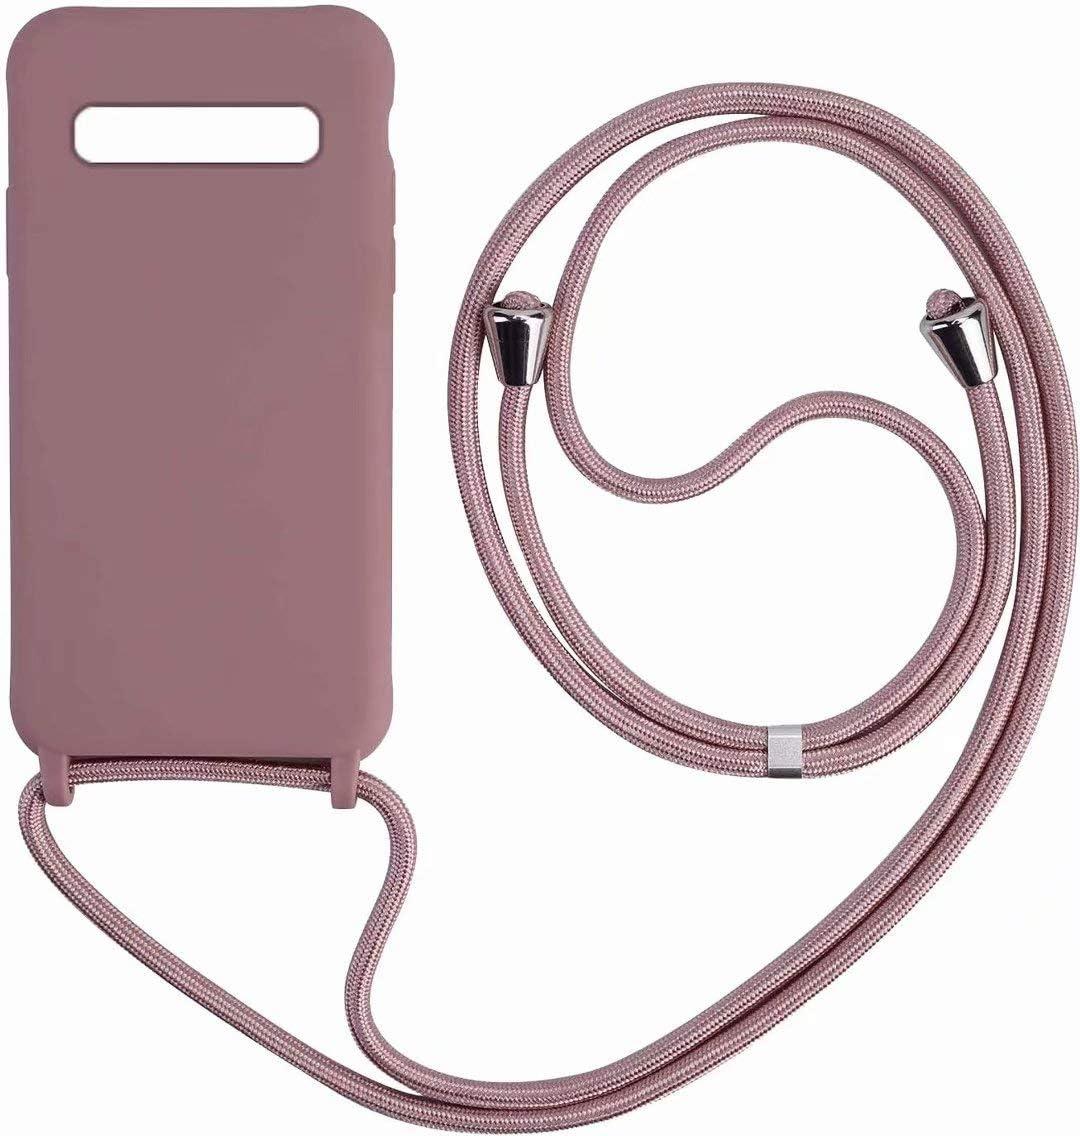 Funda con Cuerda para Samsung Galaxy S10 Plus,Moda y Practico Carcasa Gel de s/ílice TPU Case Cover con Colgante//Cadena.